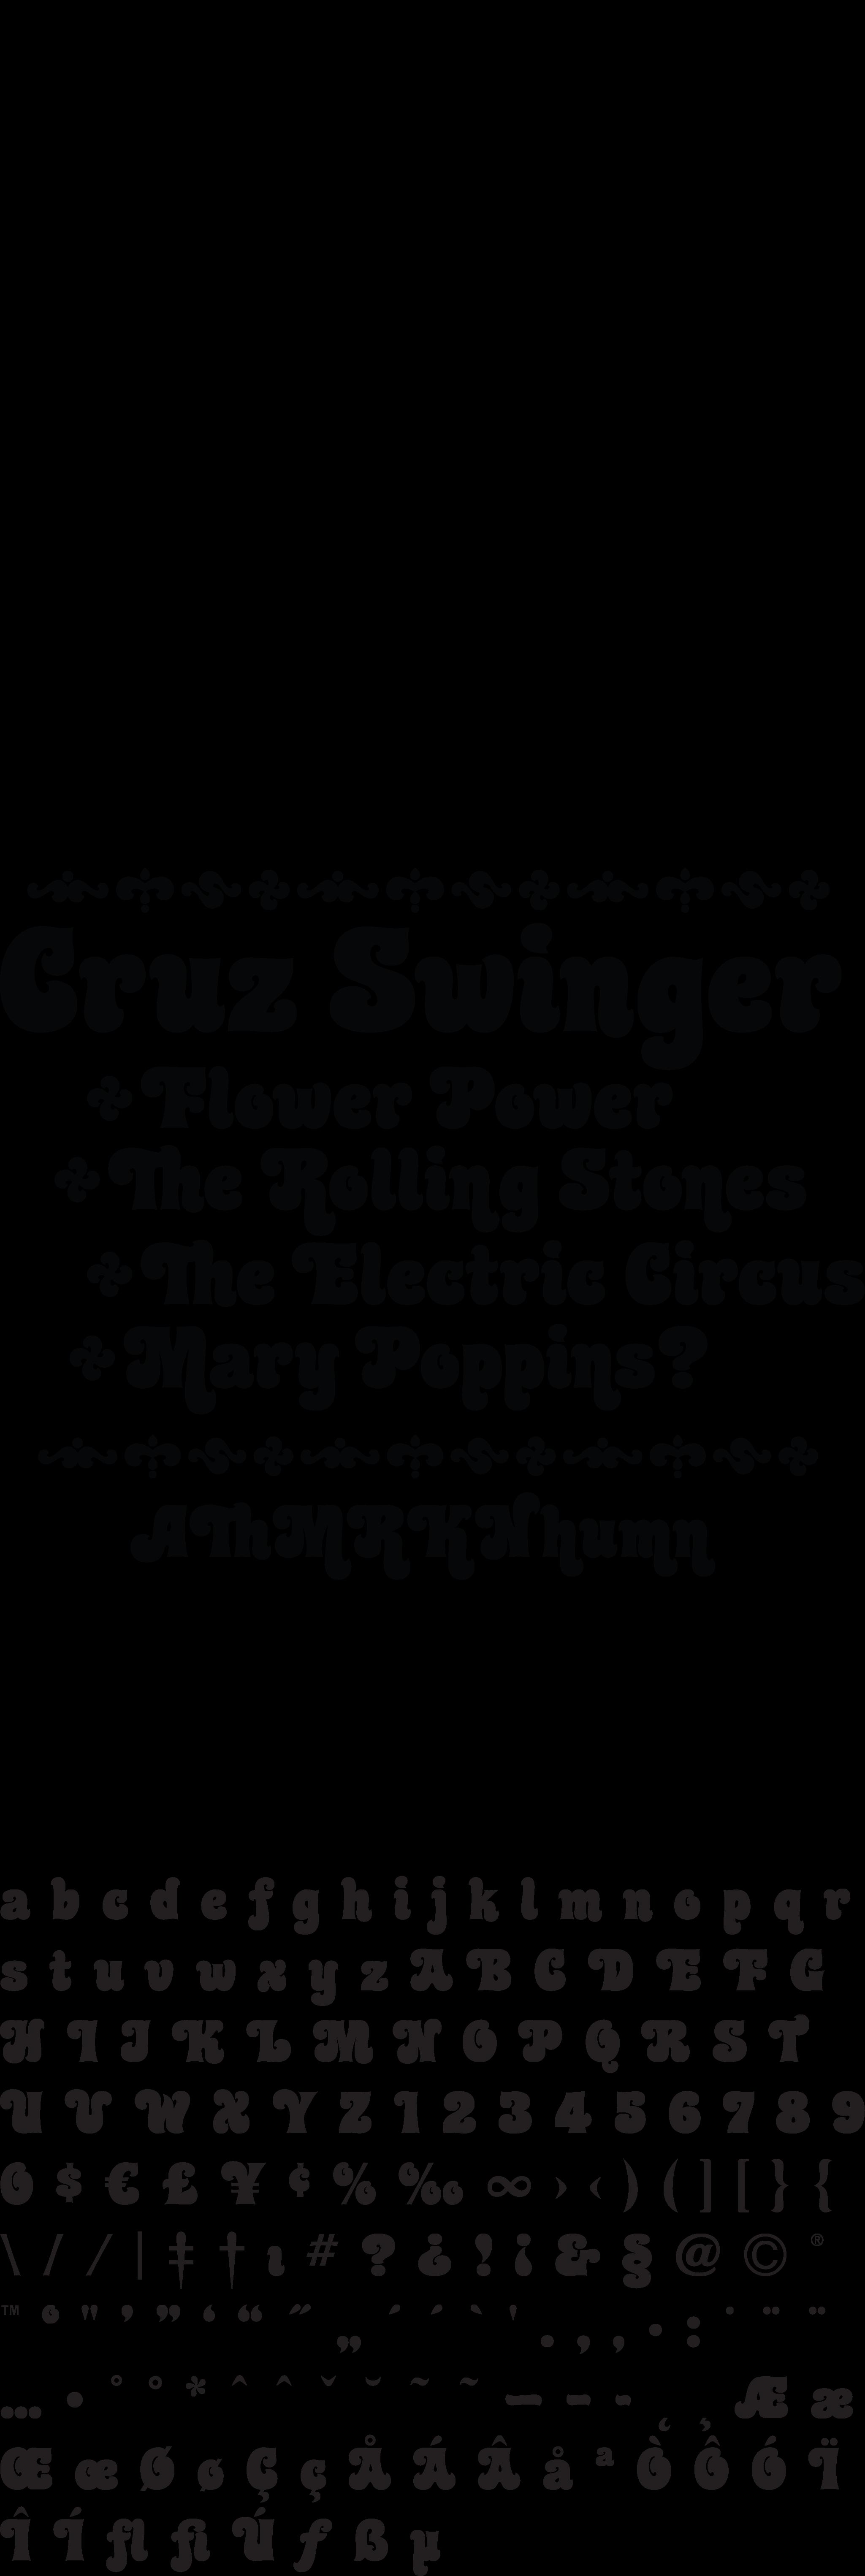 Ruz-swinger-billboard